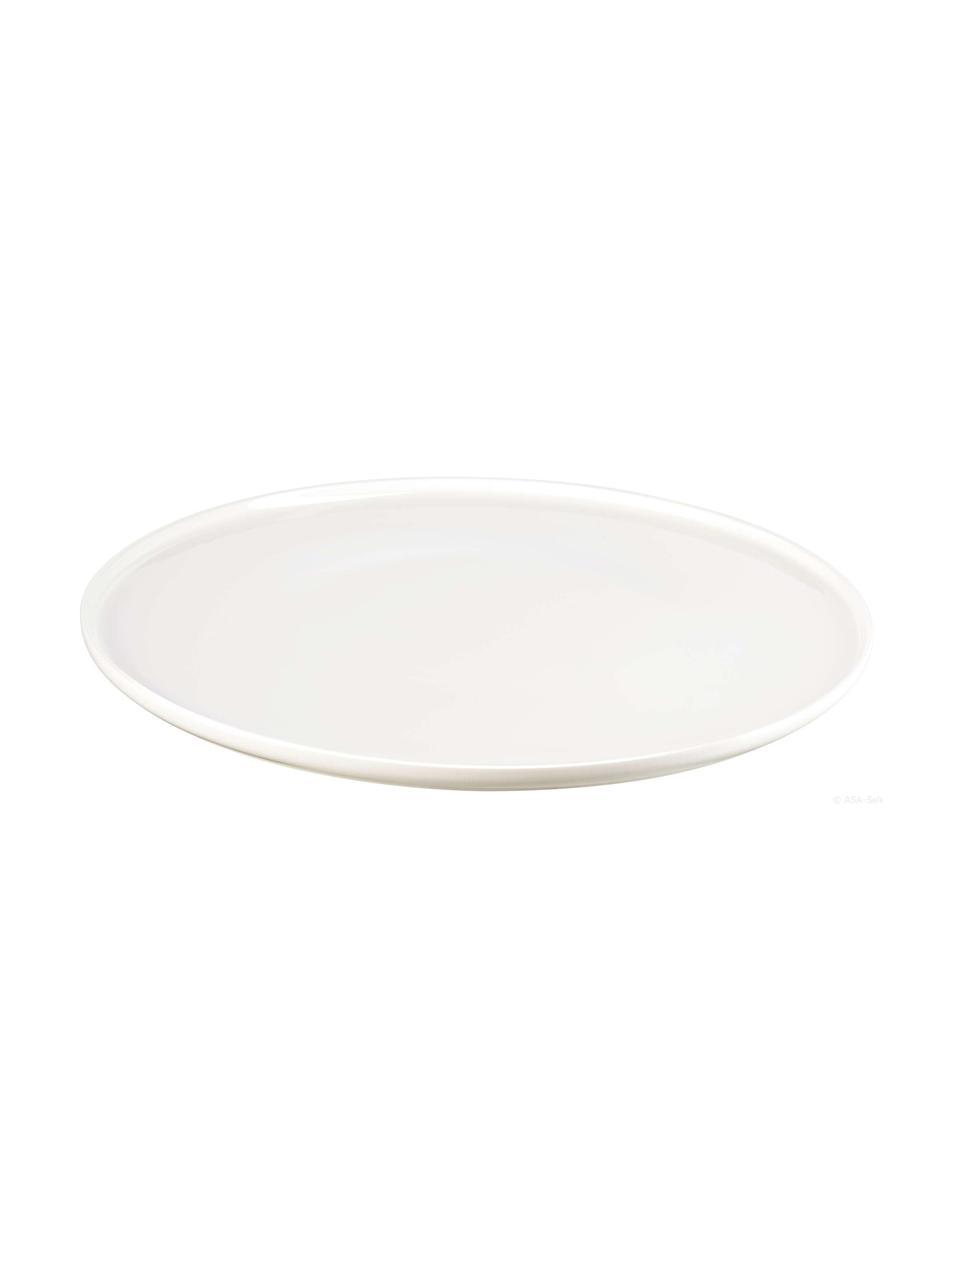 Piatto piano Fine Bone China  Oco 6 pz, Porcellana Fine Bone China, Avorio, Ø 27 cm